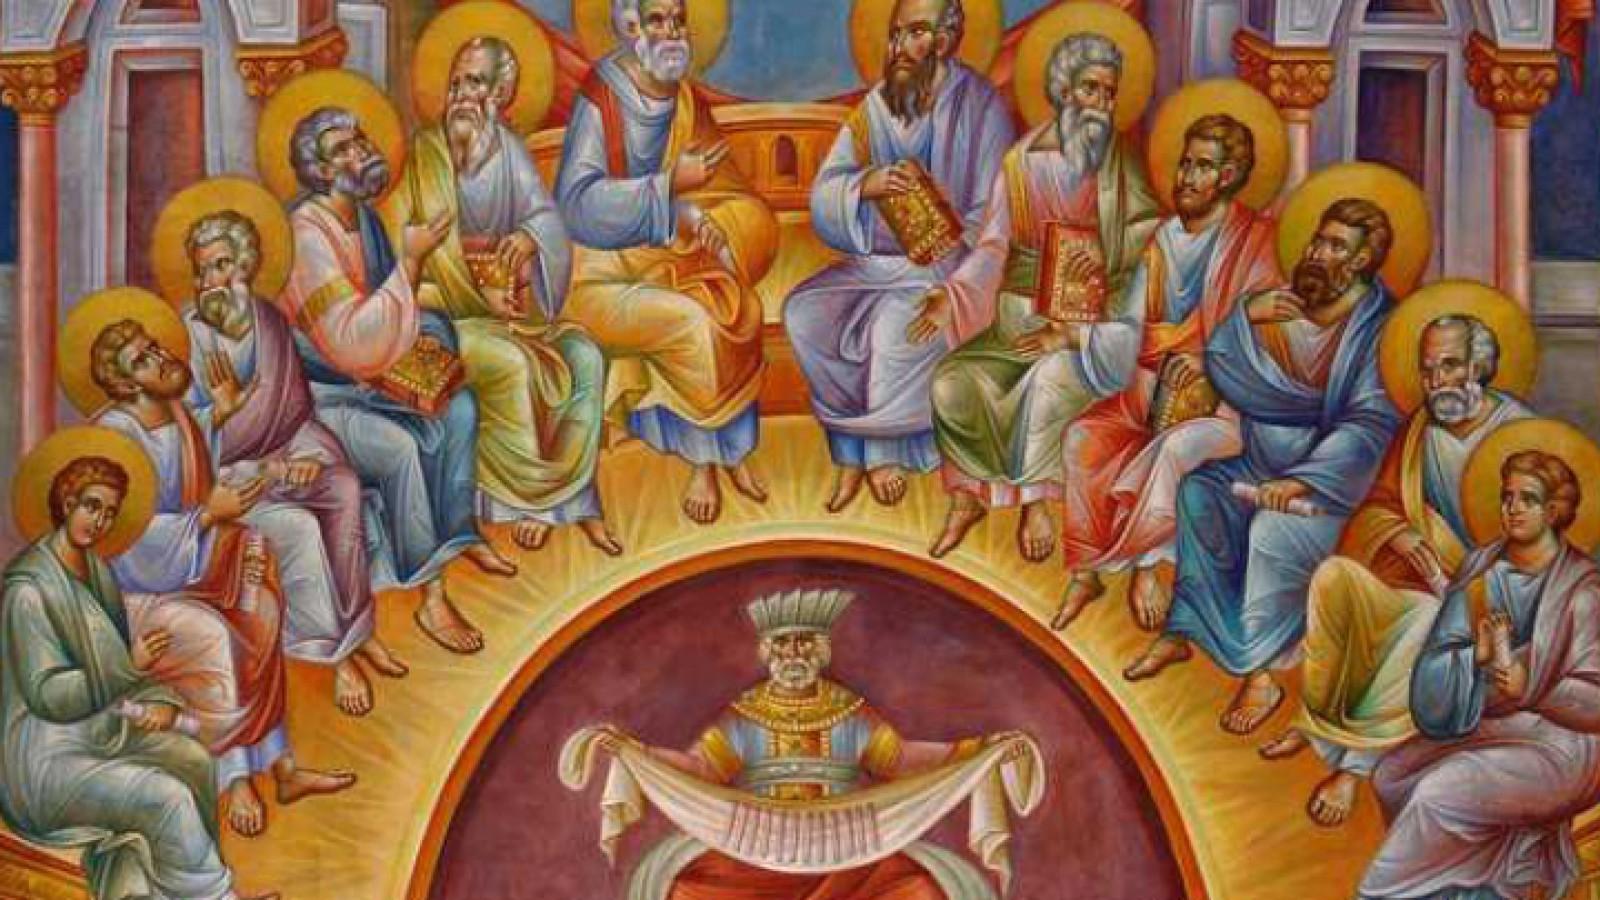 Sărbătoare în calendarul creștin ortodox: Duminica mare sau Troița. Astăzi se împodobesc gospodăriile cu verdeață